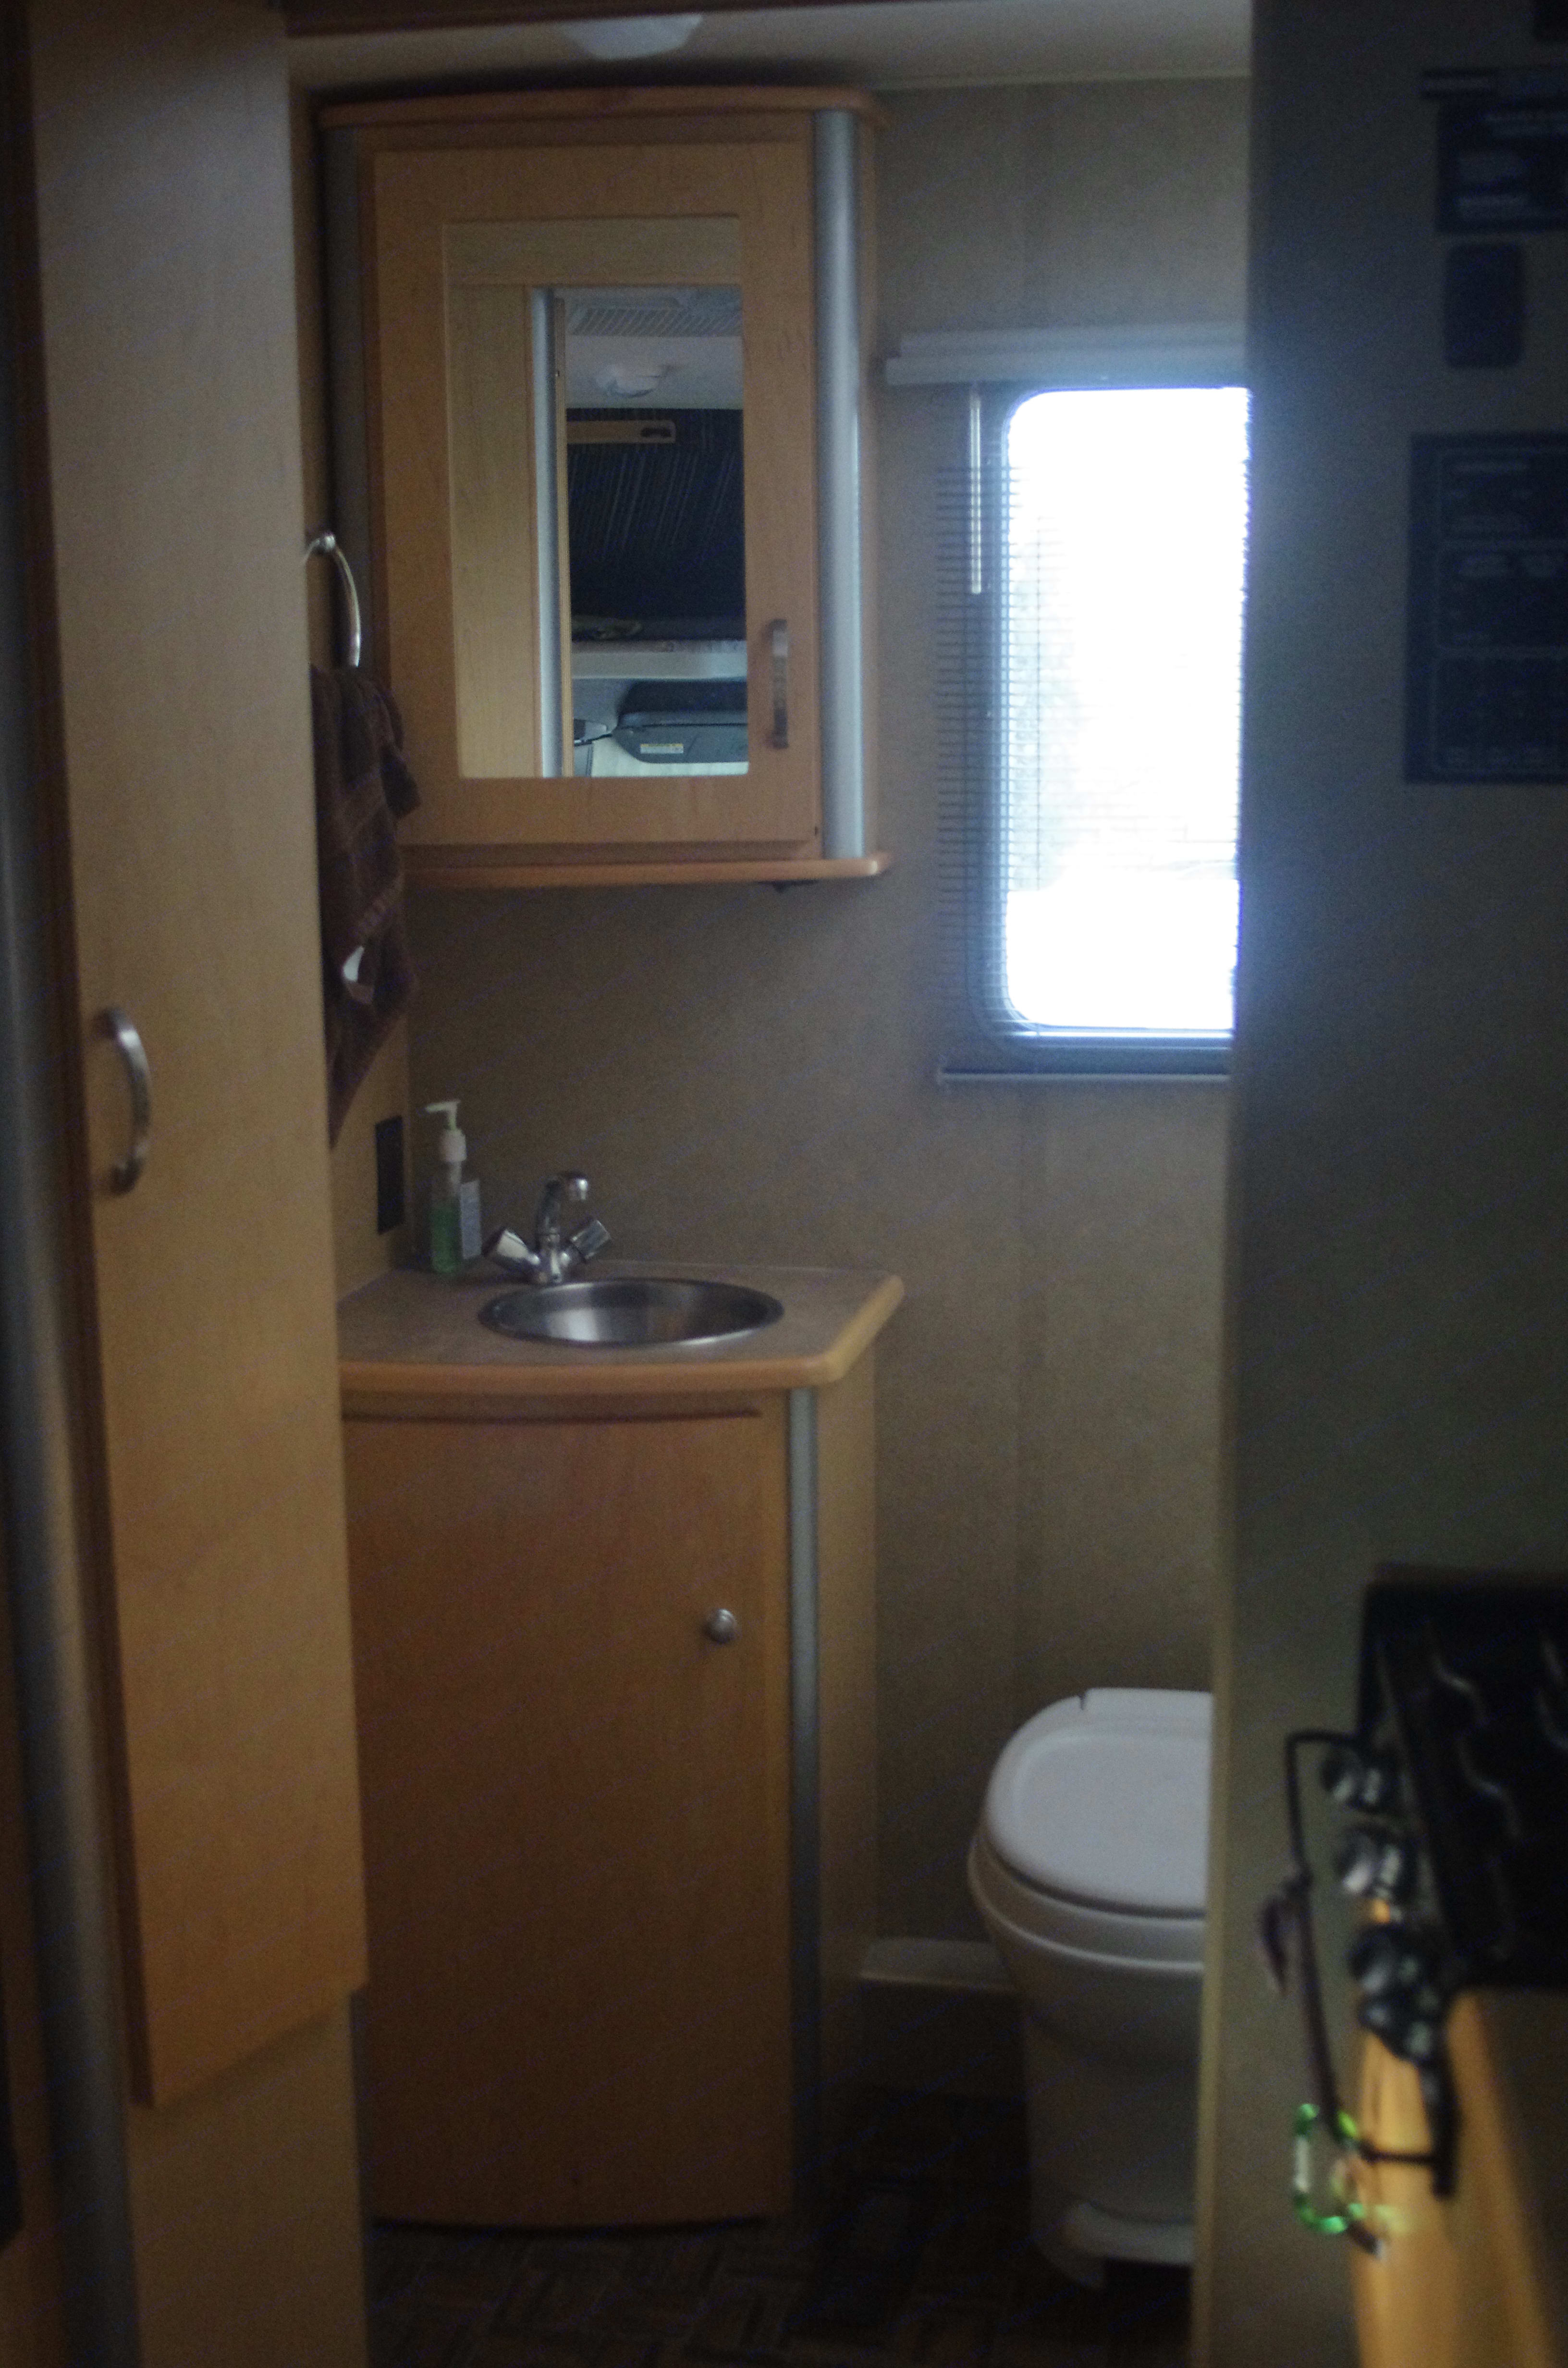 Bathroom in the back. Winnebago View 2008